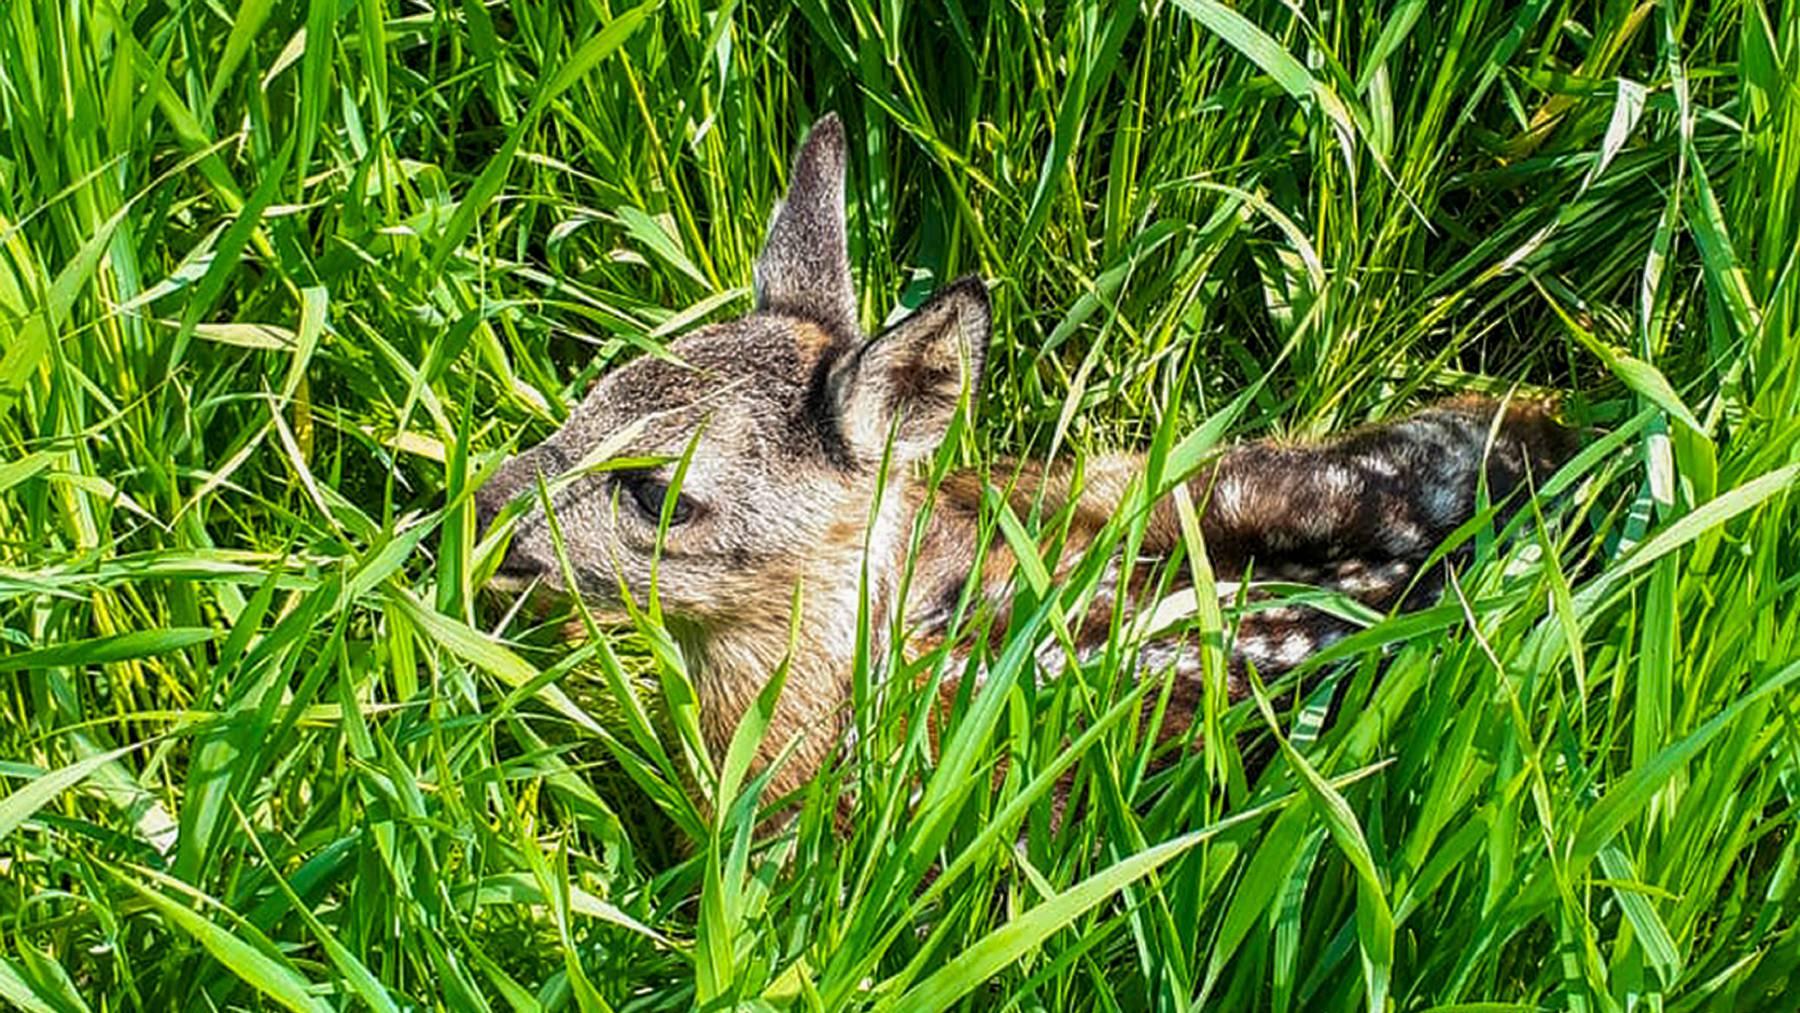 Rehkitze kommen heute etwa drei Tage früher zur Welt als vor 50 Jahren. Doch die Frühlingsvegetation beginnt heute etwa 20 Tage früher.